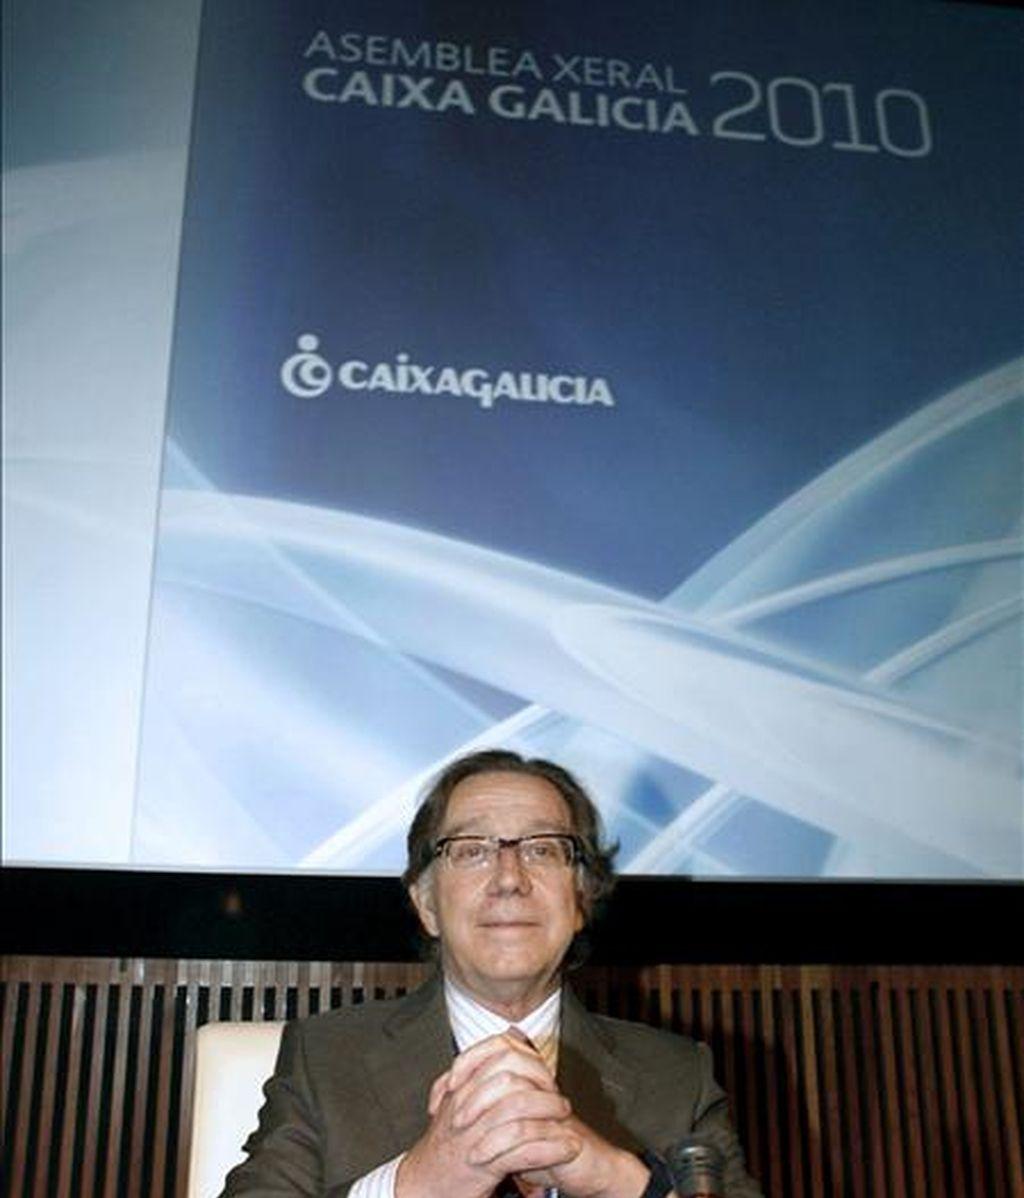 El director general de Caixa Galicia, Xosé Luis Méndez. EFE/Archivo